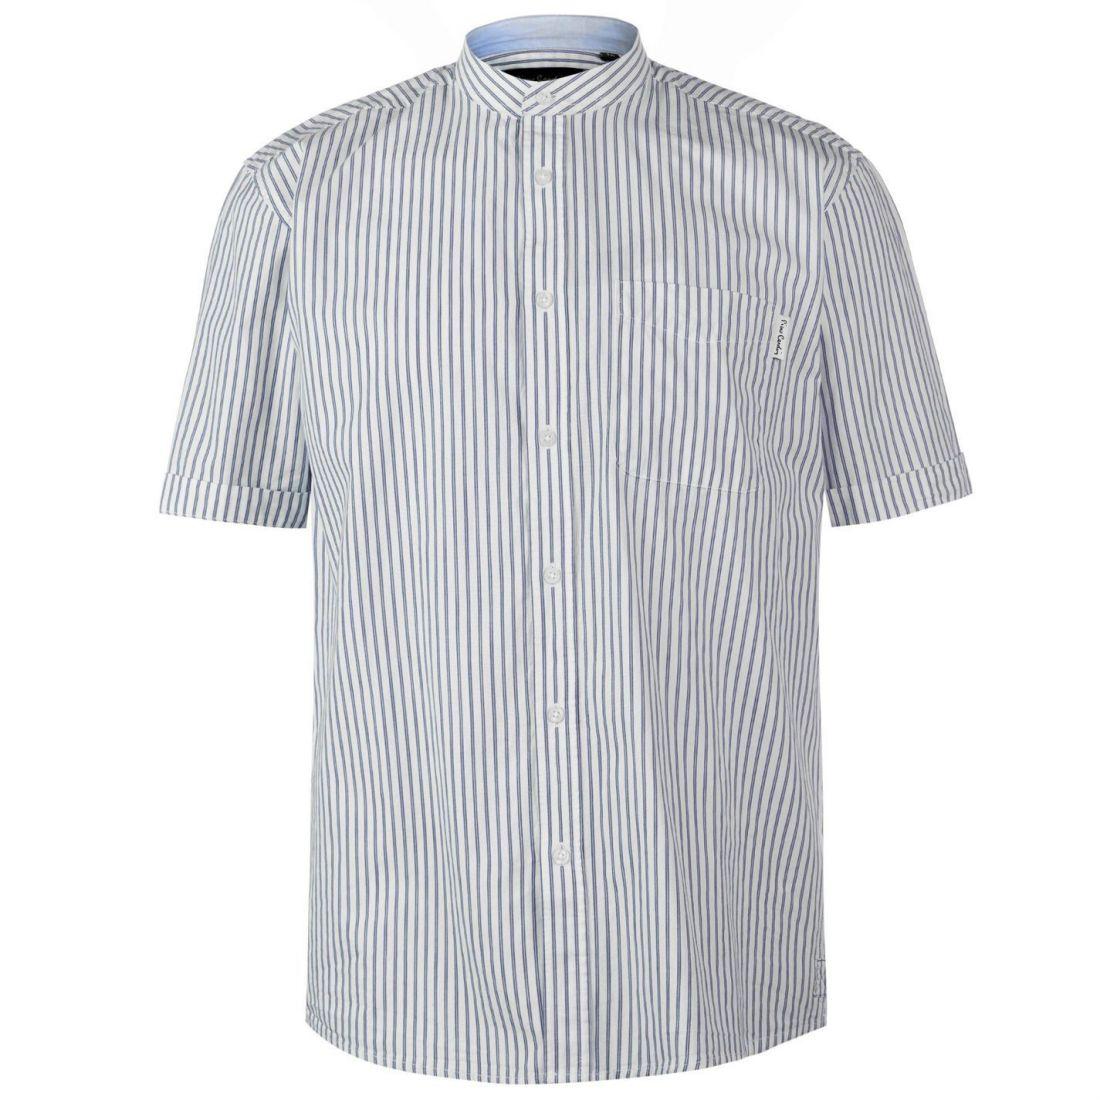 Pierre Cardin C bengl ST Sht Uomo Gents Manica Corta Camicia di tutti i giorni